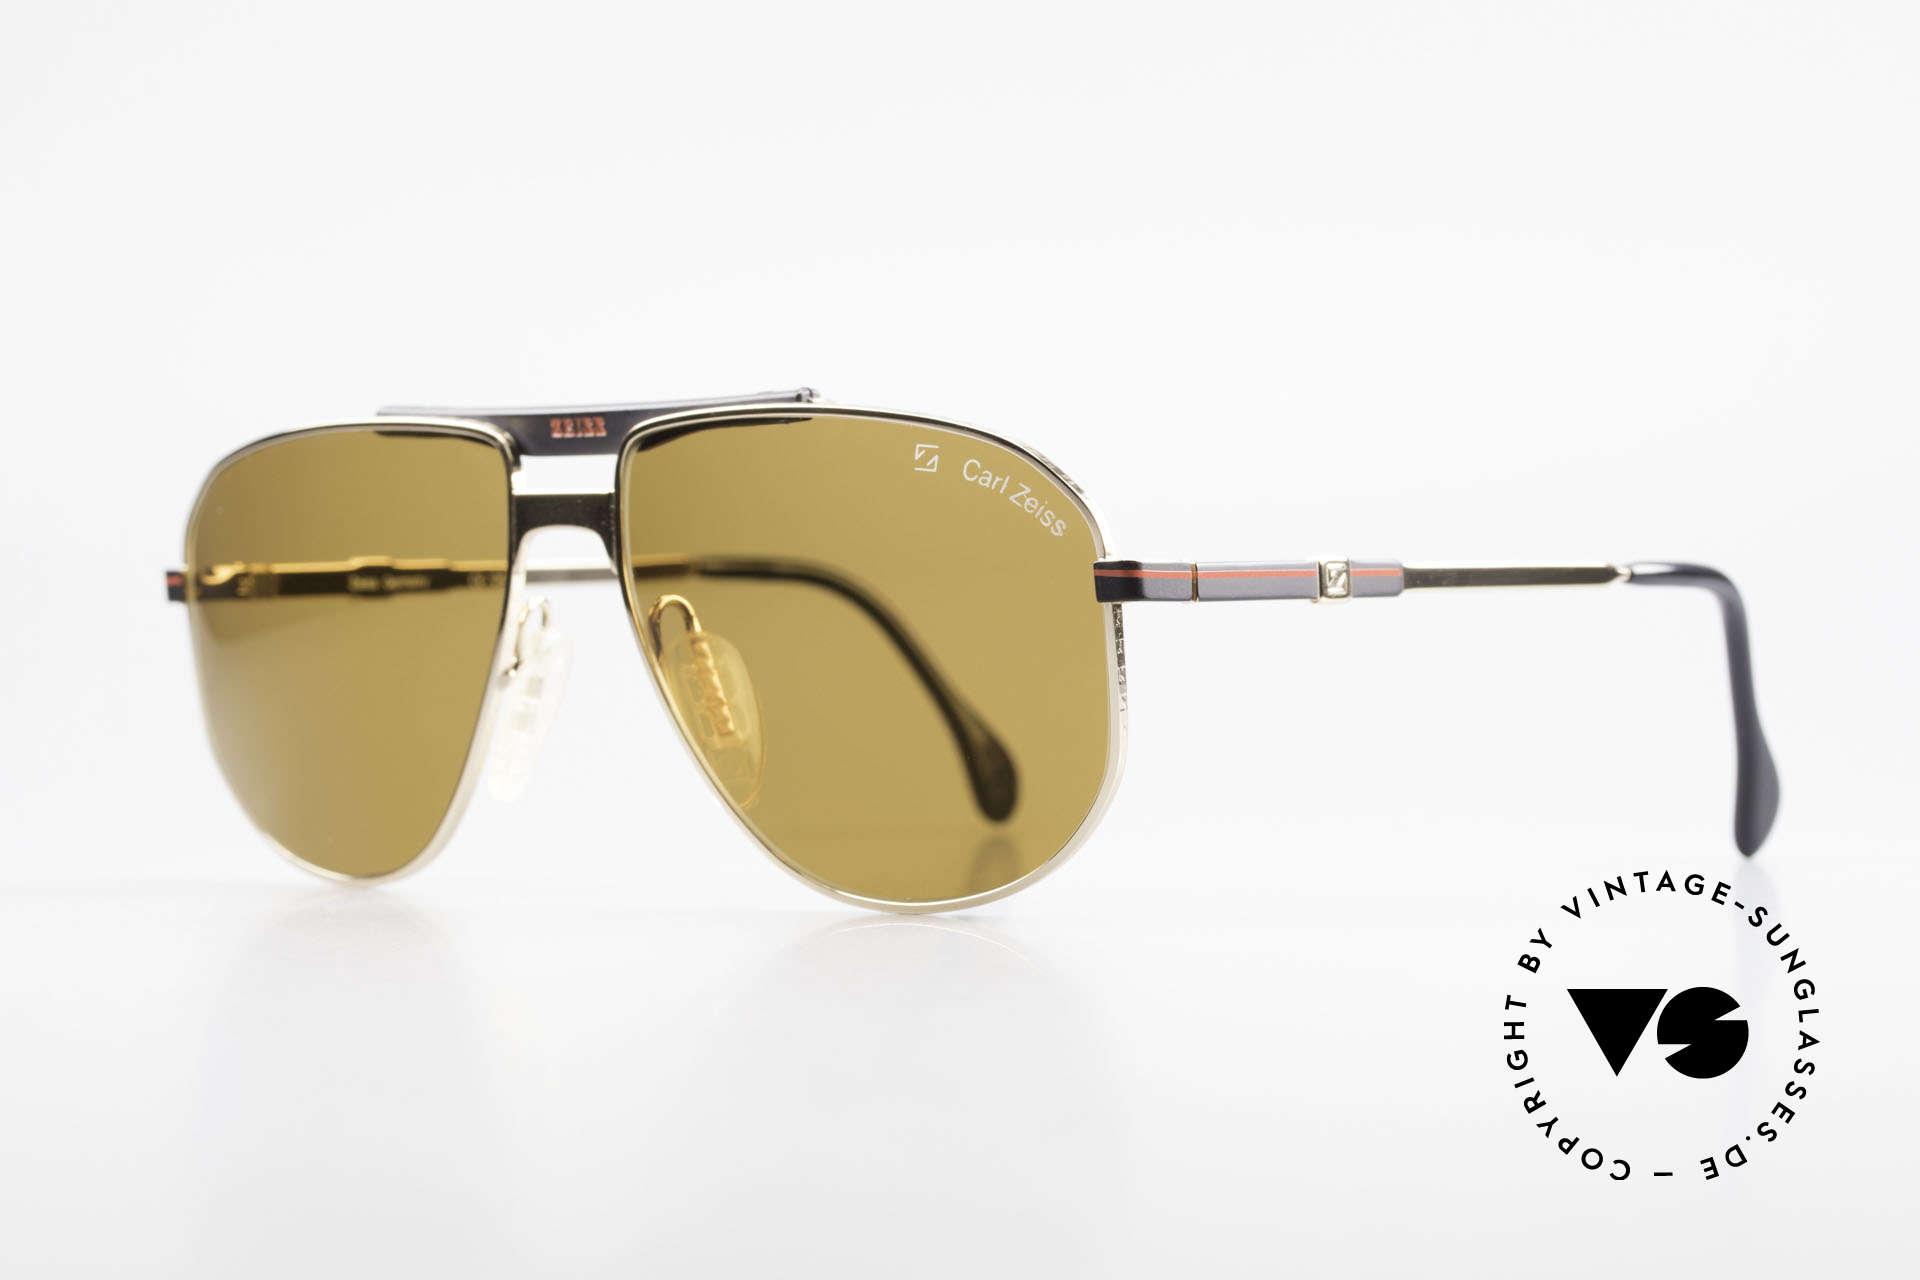 Zeiss 9934 90er Vintage Sonnenbrille, entspiegelte Zeiss Sonnengläser für 100% UV Schutz, Passend für Herren